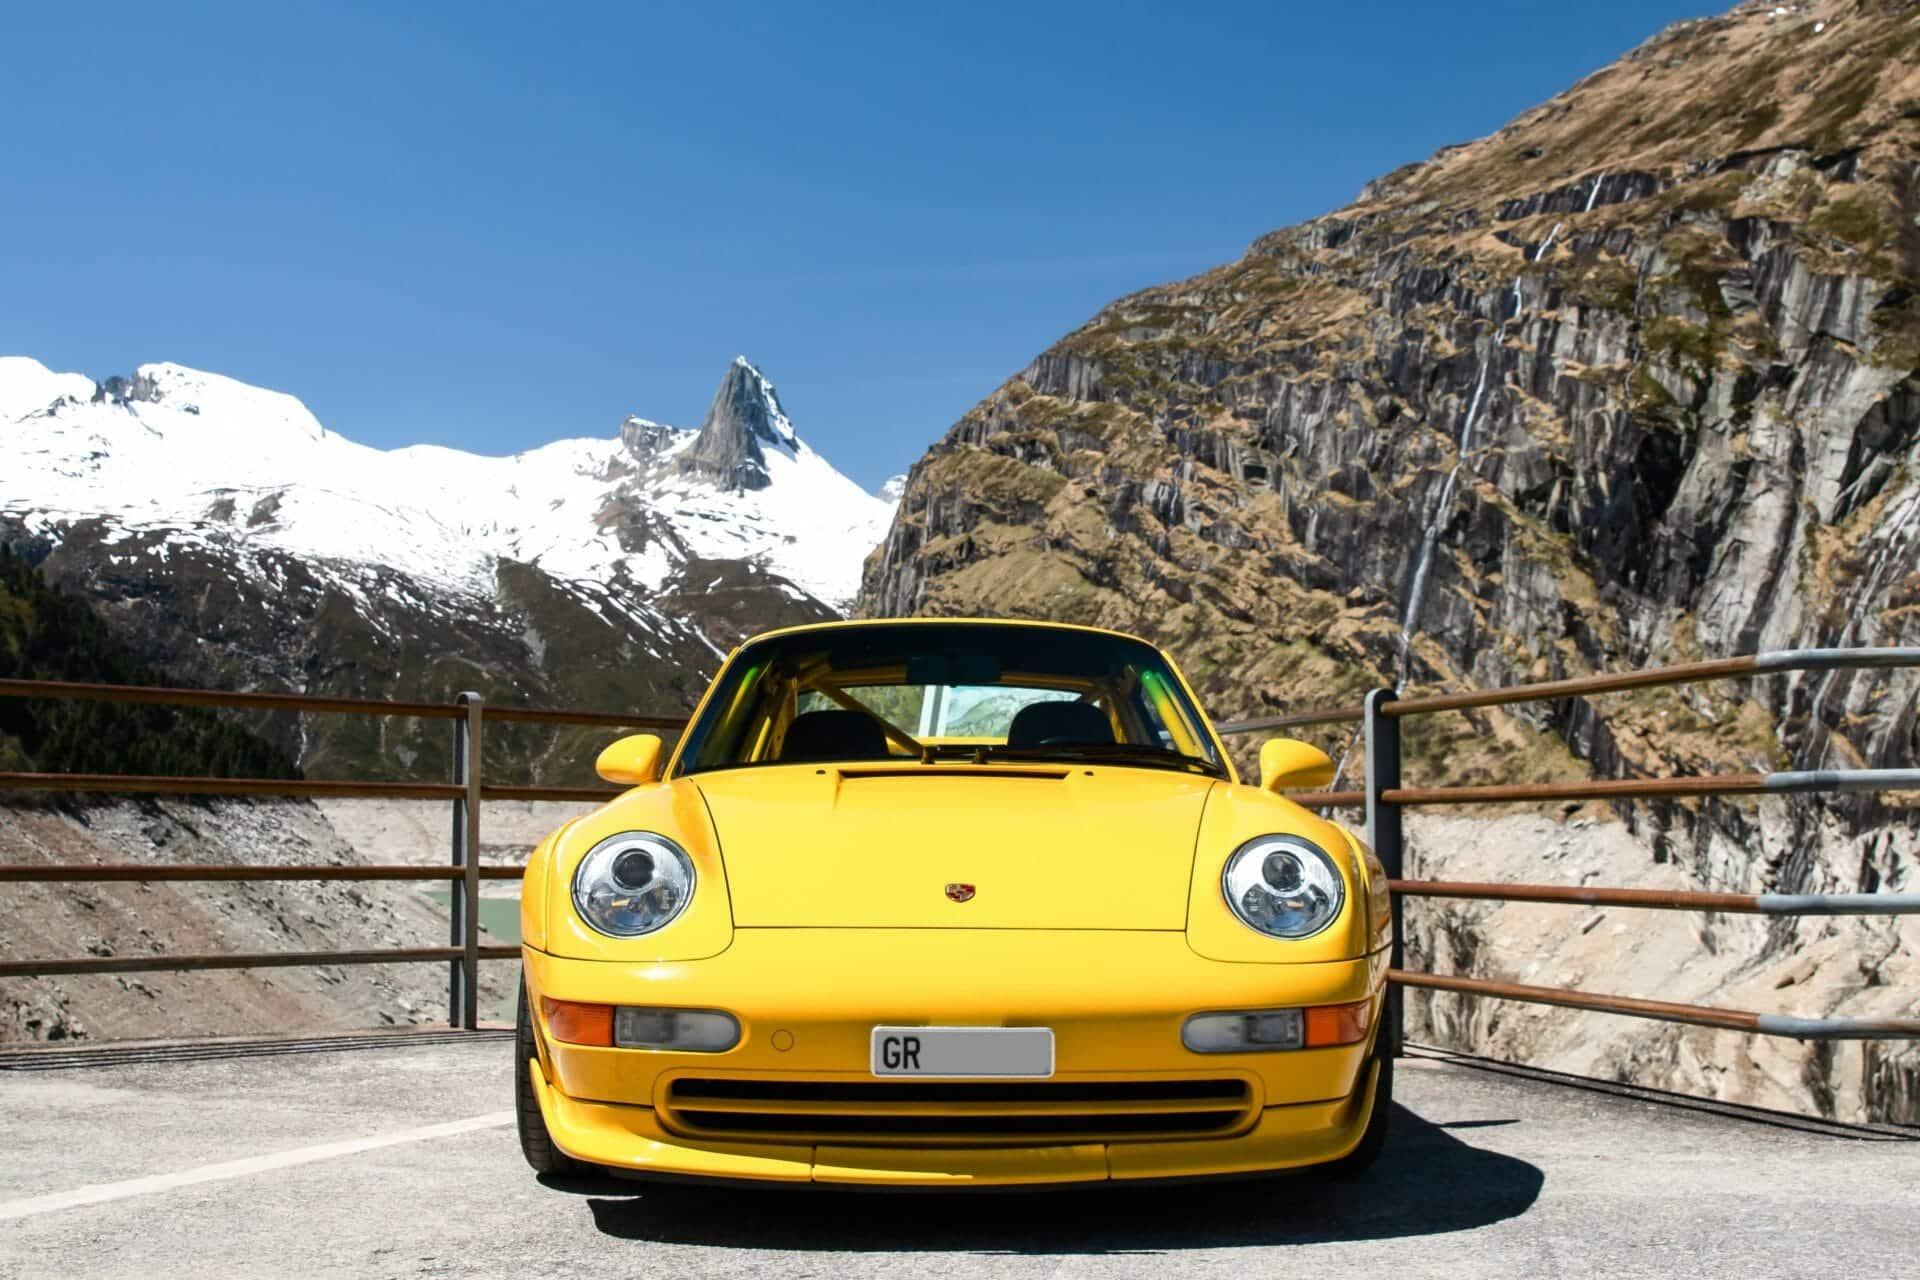 Porsche 993 GT2 Clubsport - Picture 5